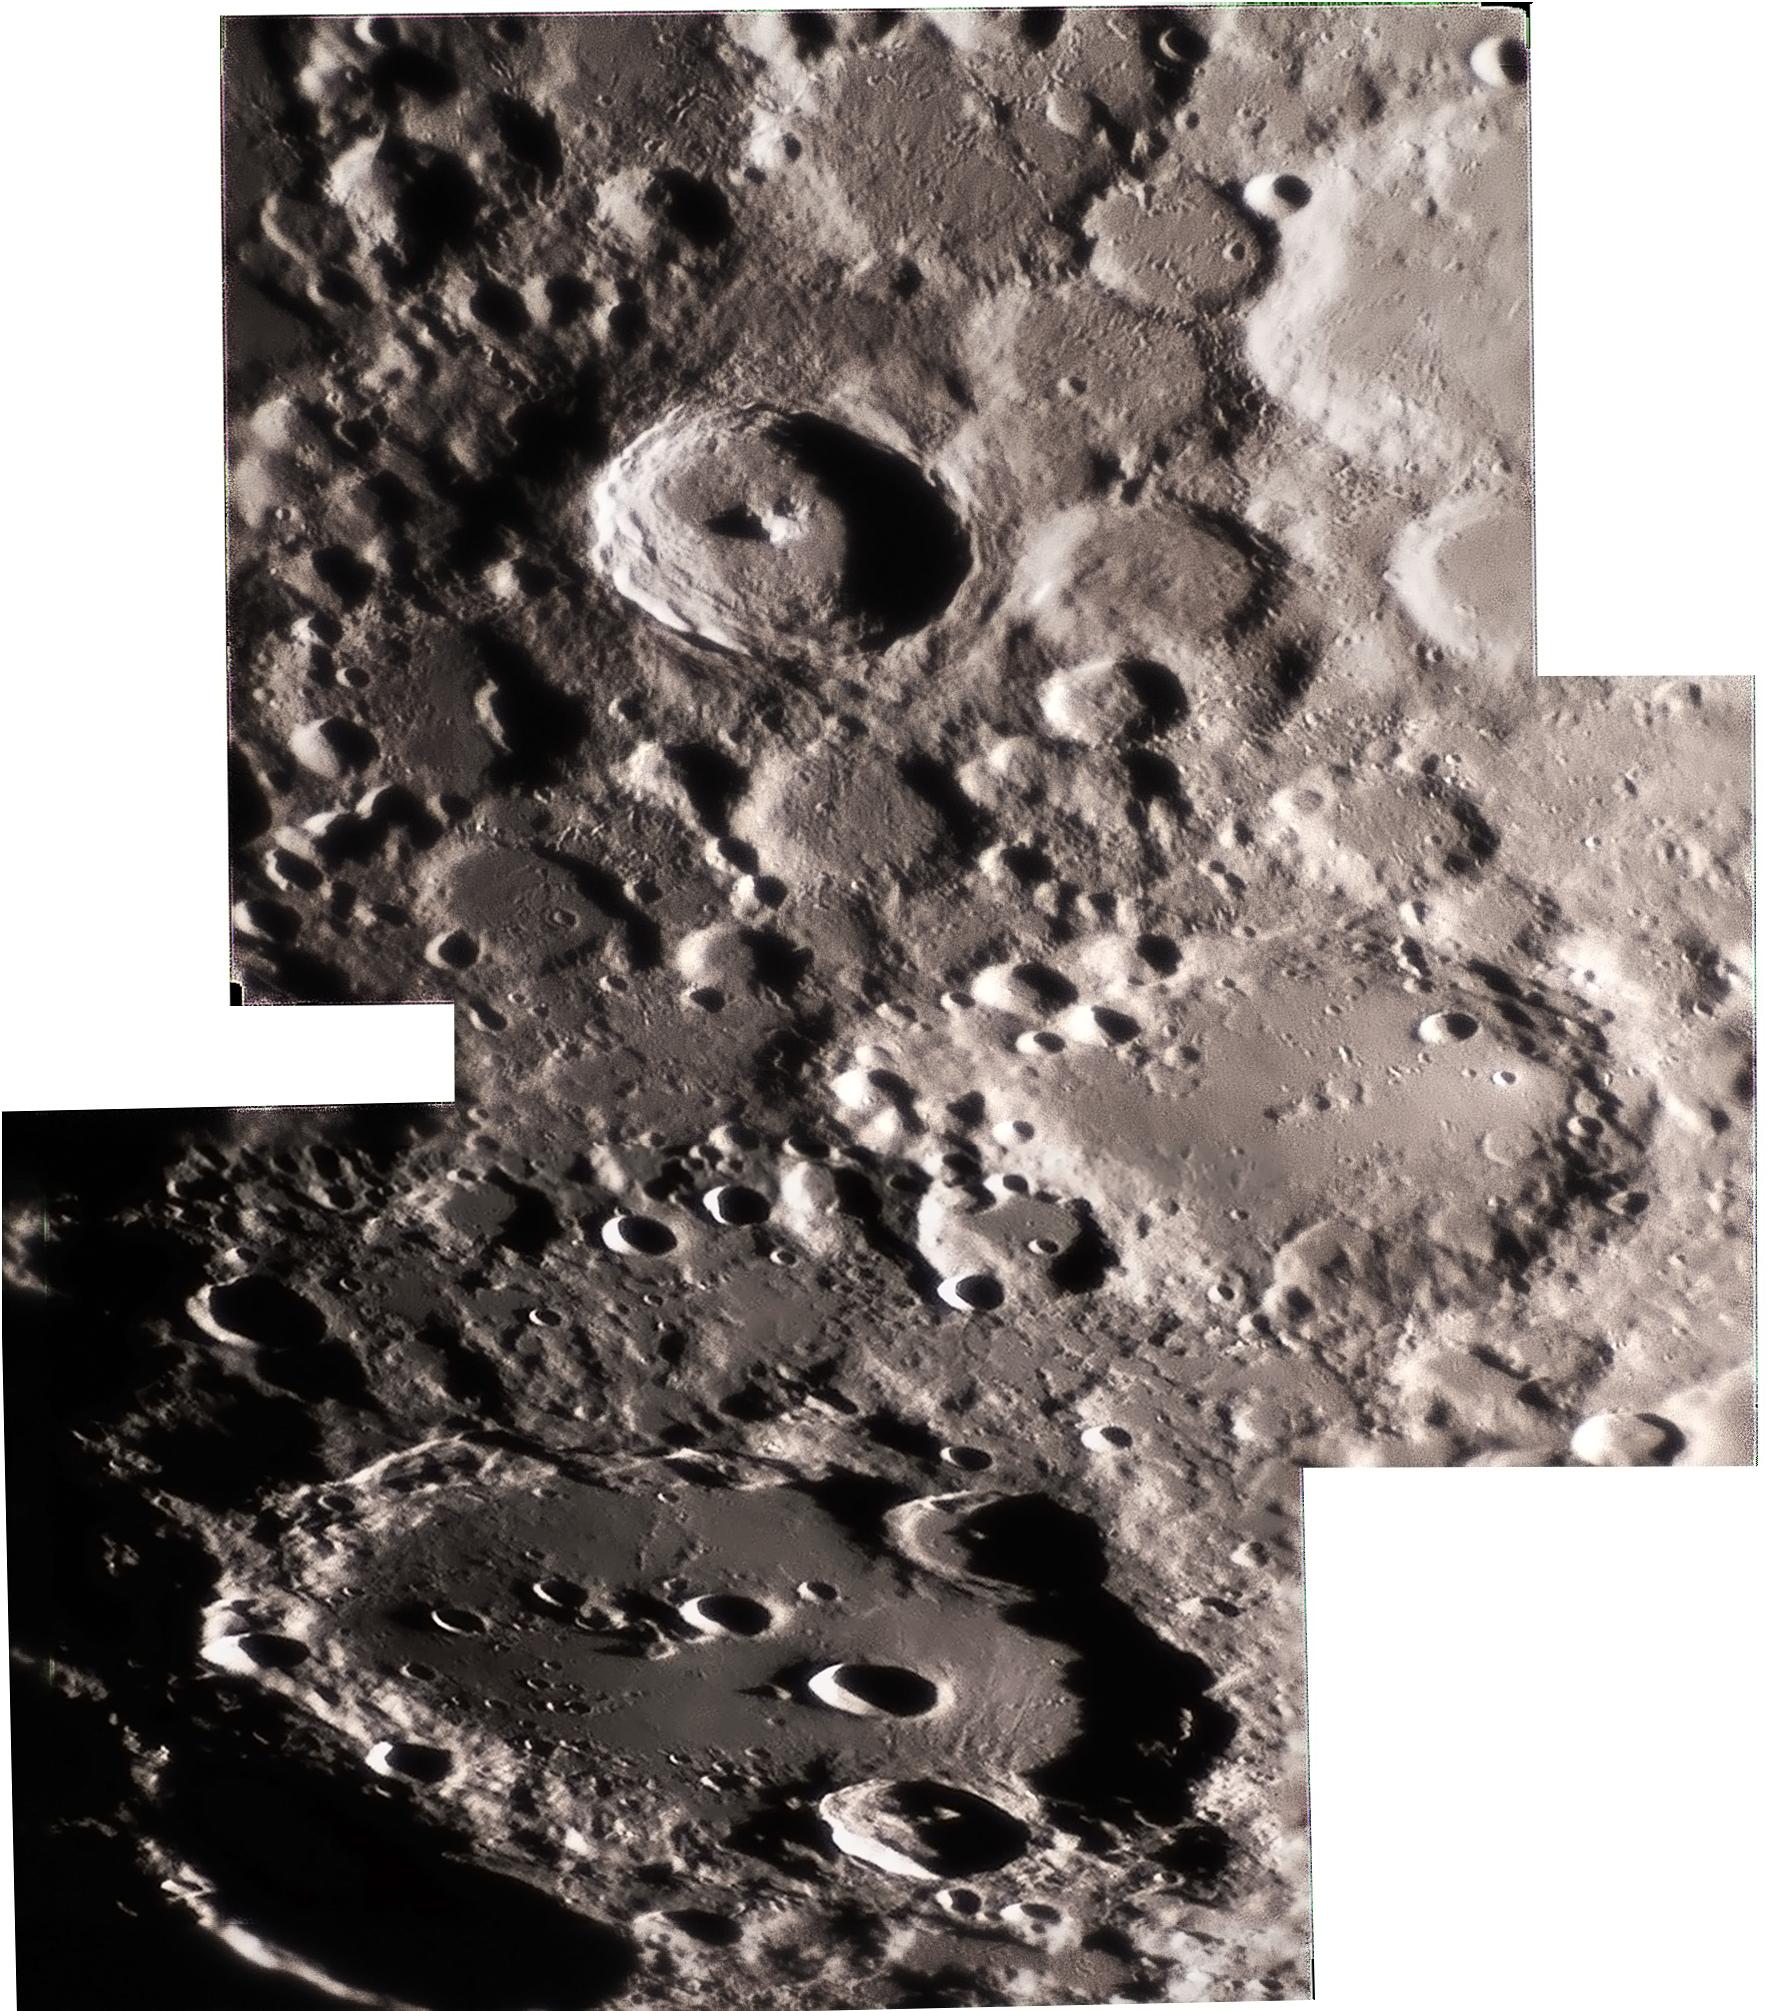 mosaique-lunaire : Clavius, Maginus et Tycho du 24 fevrier 2018